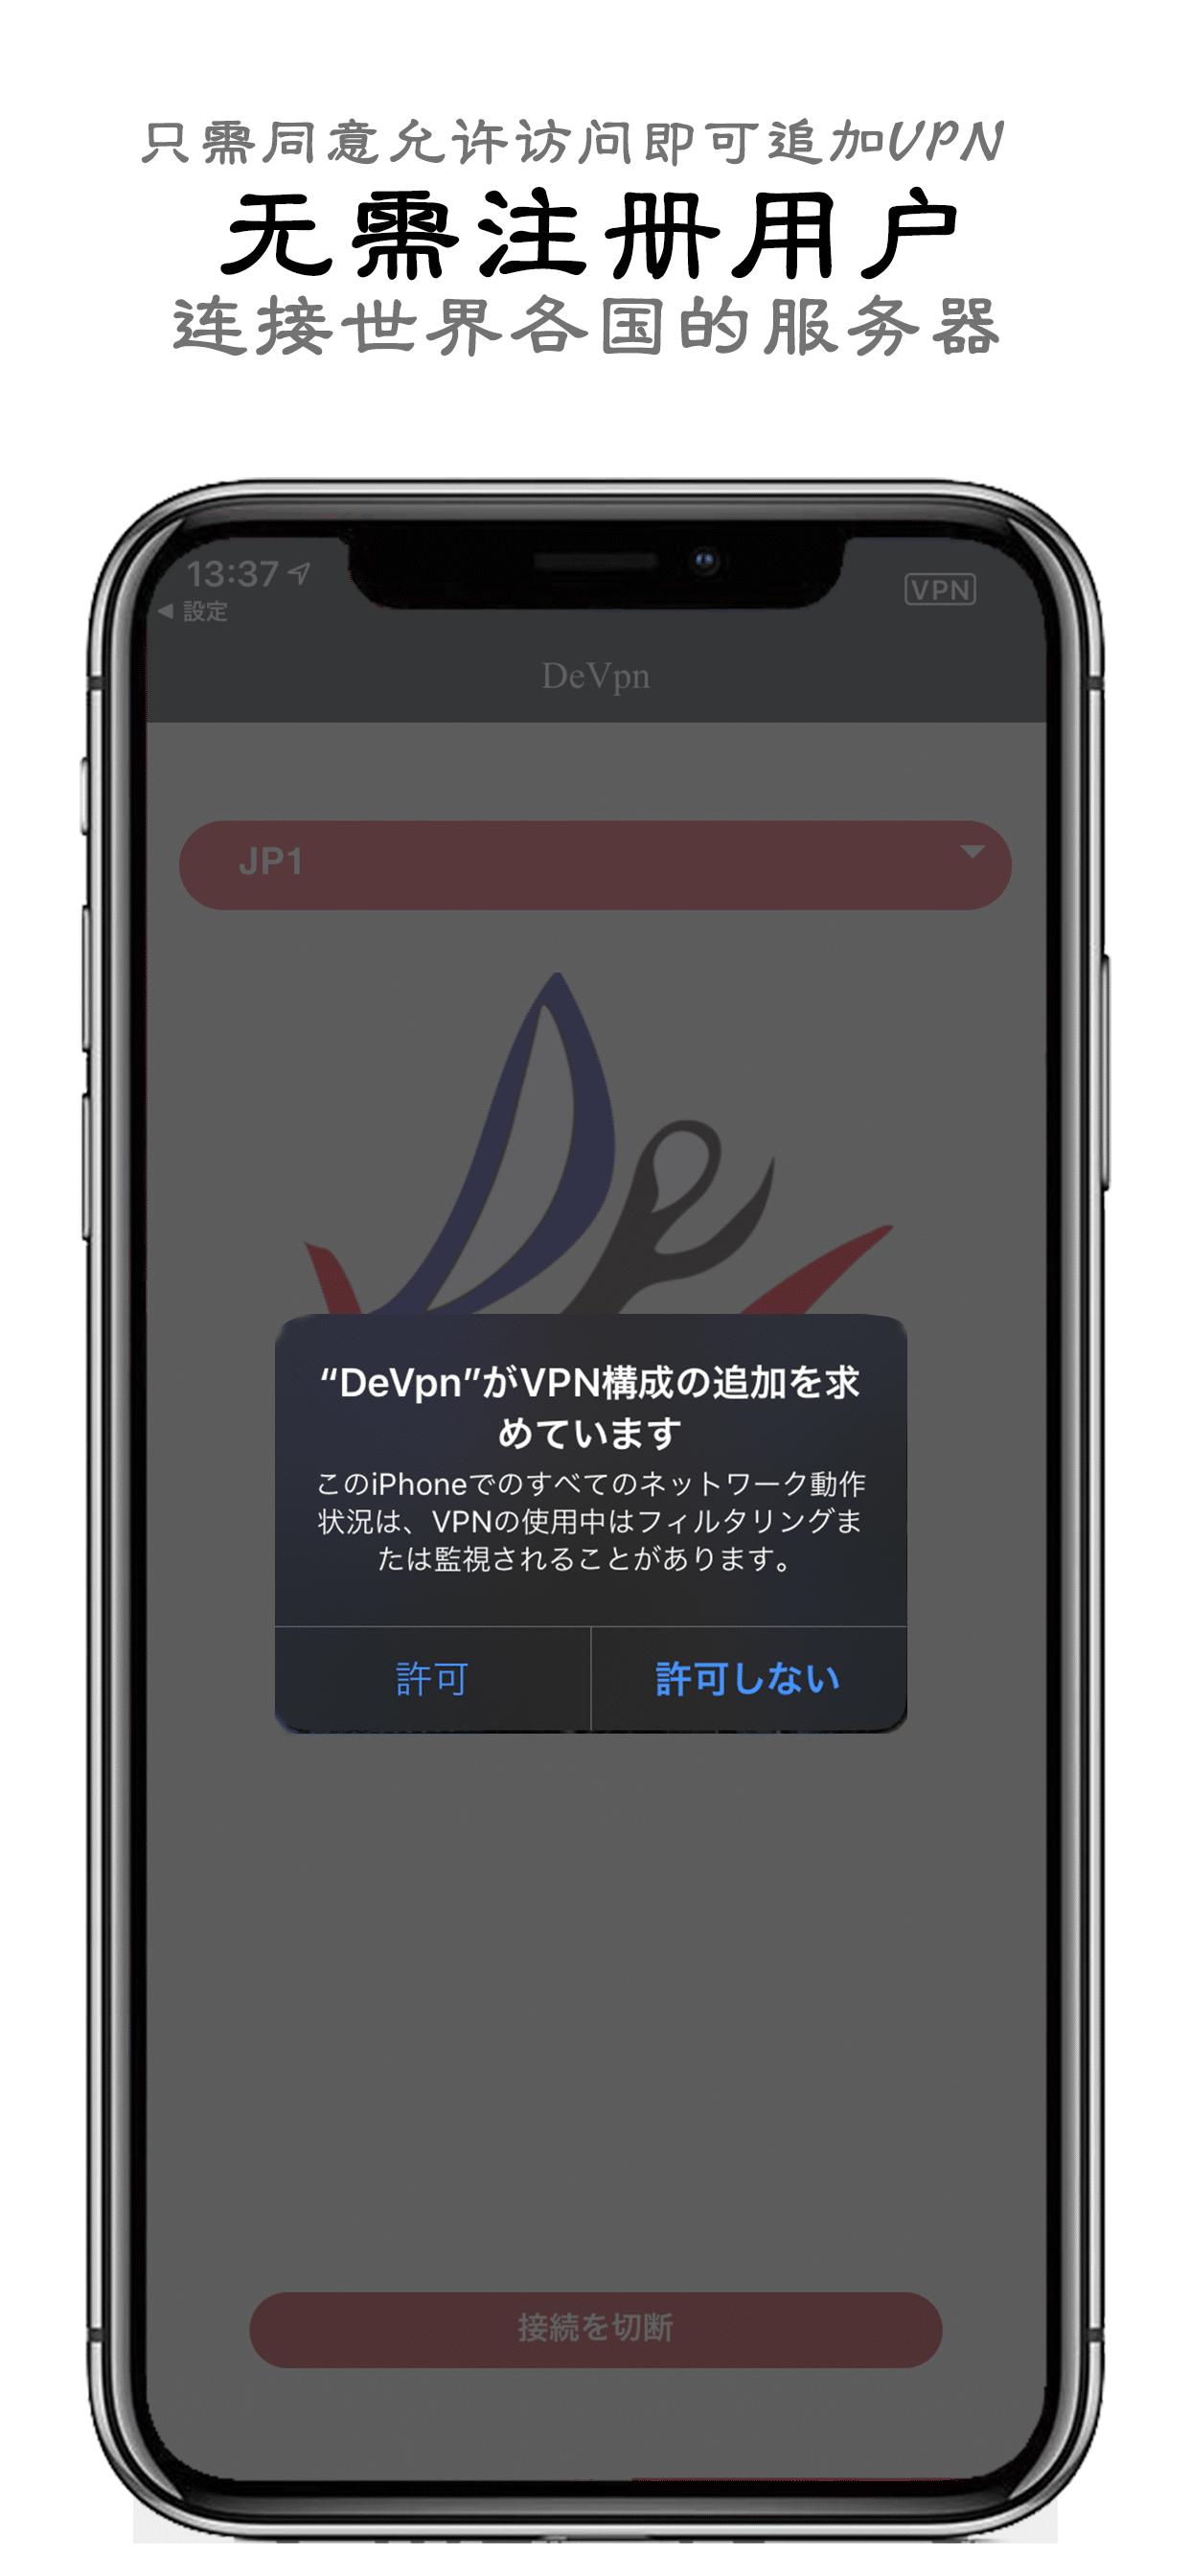 免费VPN DeVpn完全免费 无需注册用户